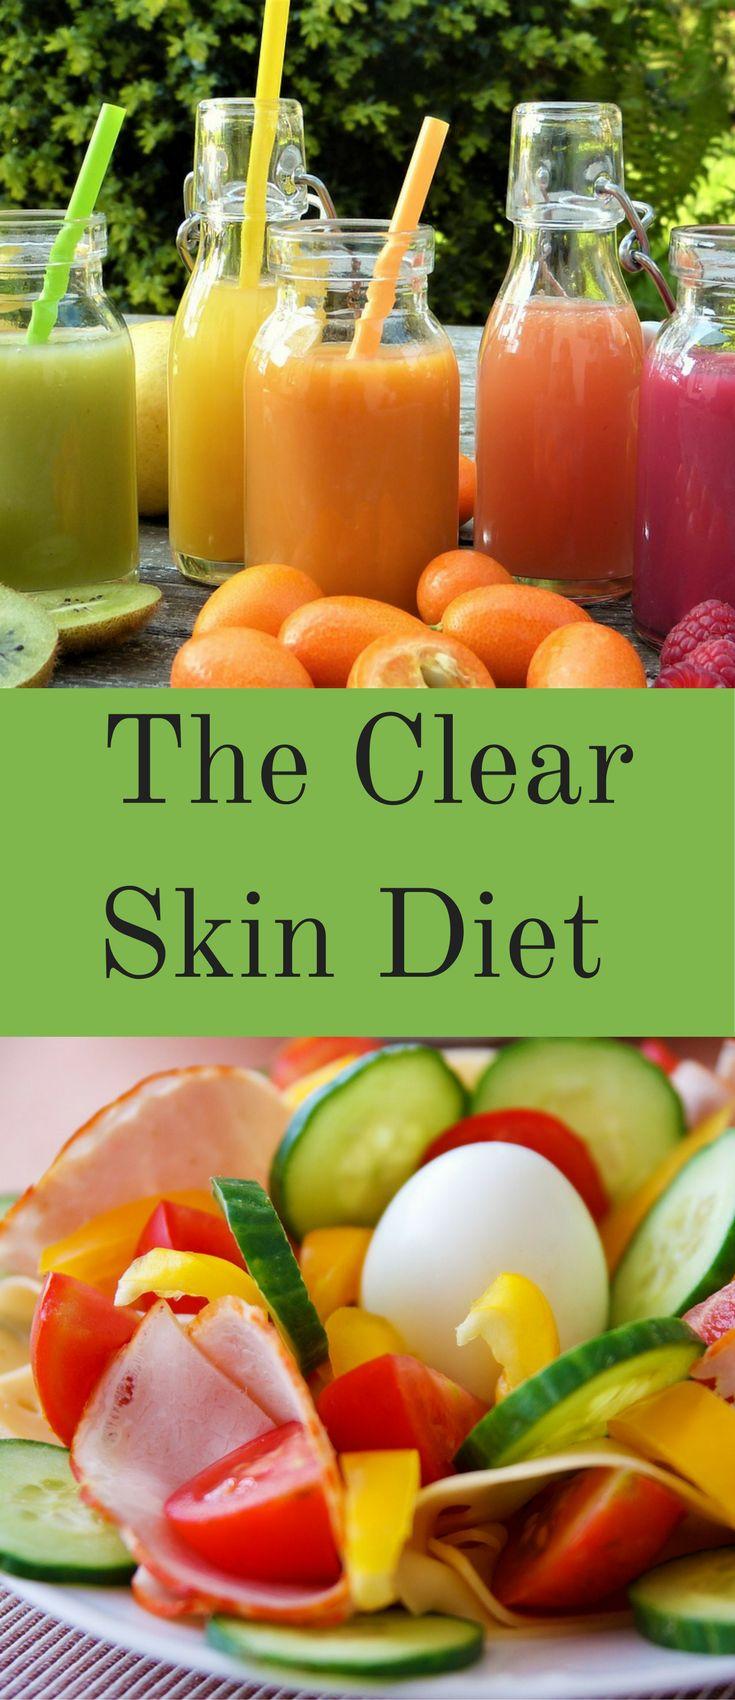 Tips For Vegan & Vegetarian Acne